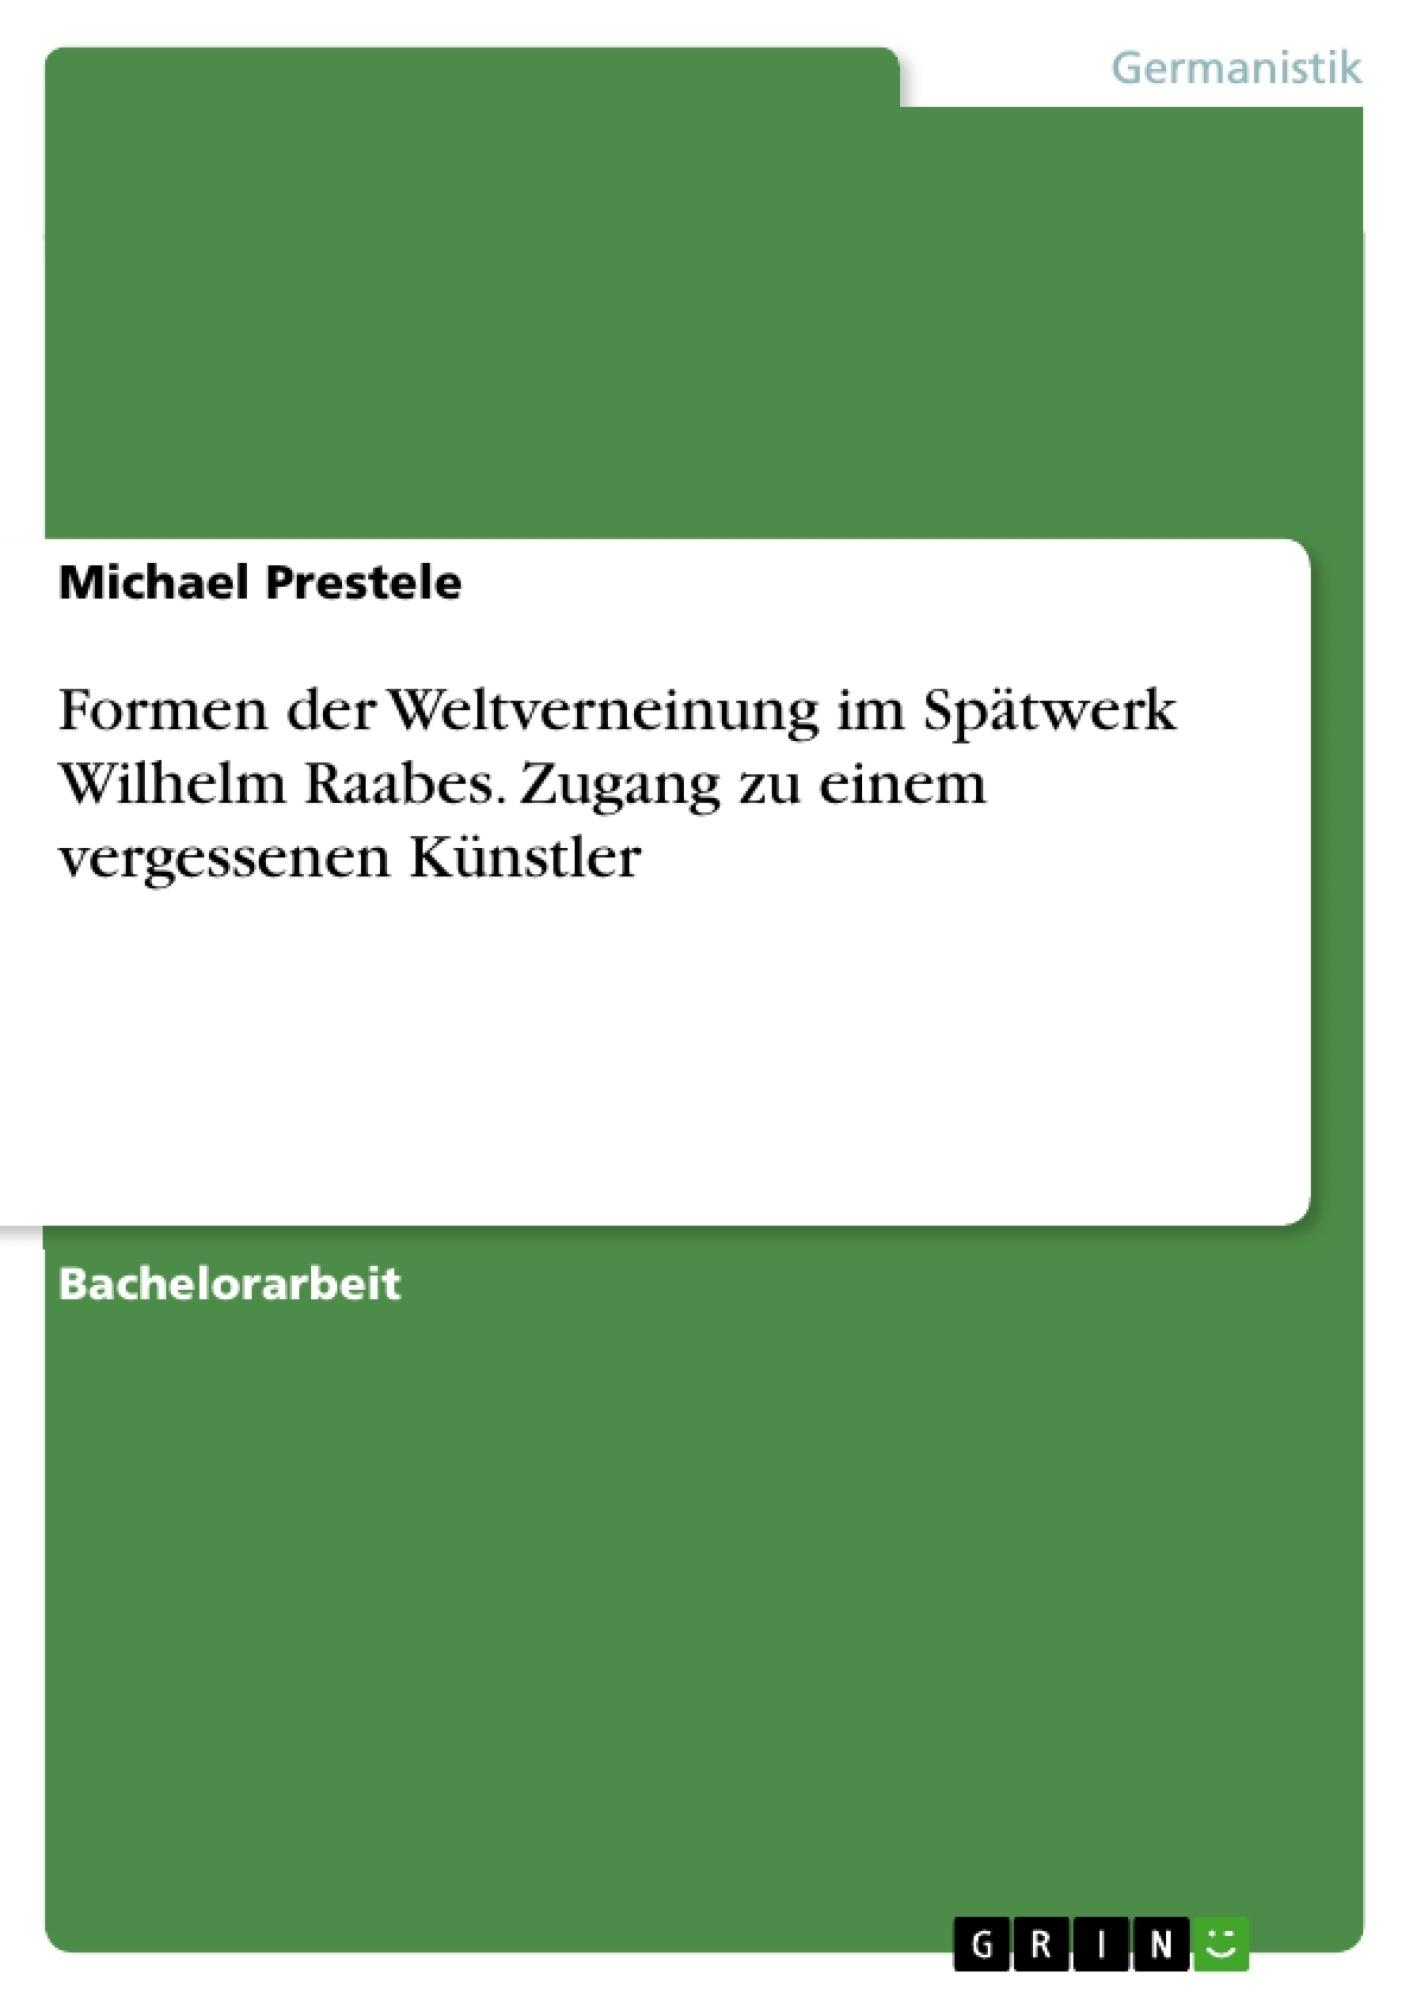 Titel: Formen der Weltverneinung im Spätwerk Wilhelm Raabes. Zugang zu einem vergessenen Künstler